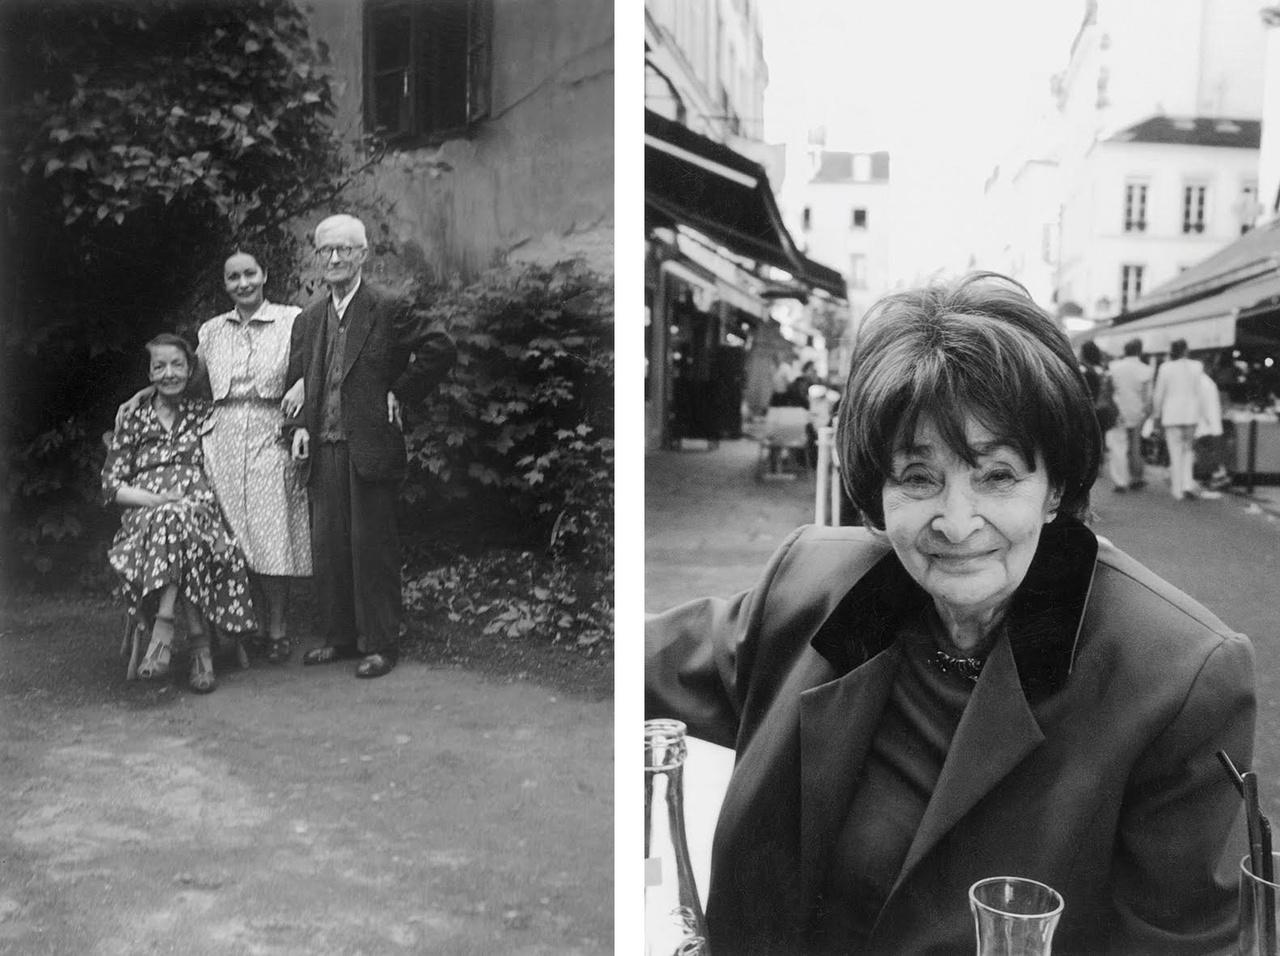 """bal oldal: Szüleivel a debreceni ház előtt 1958-ban                         jobb oldal: Párizsban a kétezres években                         Szabó Magda két, csak a családi körnek és az asztalfióknak termelő író házasságából született. Anyja                         novellákat írt, regényt is, kis színdarabokat, mesét; történetei nélkül nincs Tündér Lala, Sziget-kék,                         Bárány Boldizsár. Adyval bandázó apja szonetteket, verses önéletrajzot, elbeszéléseket, karcolatokat.                         Mentőöv volt számukra az írás.                         """"Mindenem van – jelentette be boldogan [anyám], mikor a legrosszabbul ment minden –, mert amit                         akarok, azt én megírom magamnak meg kitalálom!'"""" """"Én is! Én is!""""– nevetett vele a másik író, a férje,                         és elkezdtek beszélgetni és felsorolták, mi mindenük van, és közben nemigen volt semmijük.""""                         Szabó Magda, a két öntörvényű ember hosszú, sokszor nem boldog házasságából született gyerek                         kilencven évének sok-sok pillanata gurul elénk az albumból. De csak az, amit ő gurított, nem egy fotót                         tudatosan megsemmisített. Annyi titka maradt."""